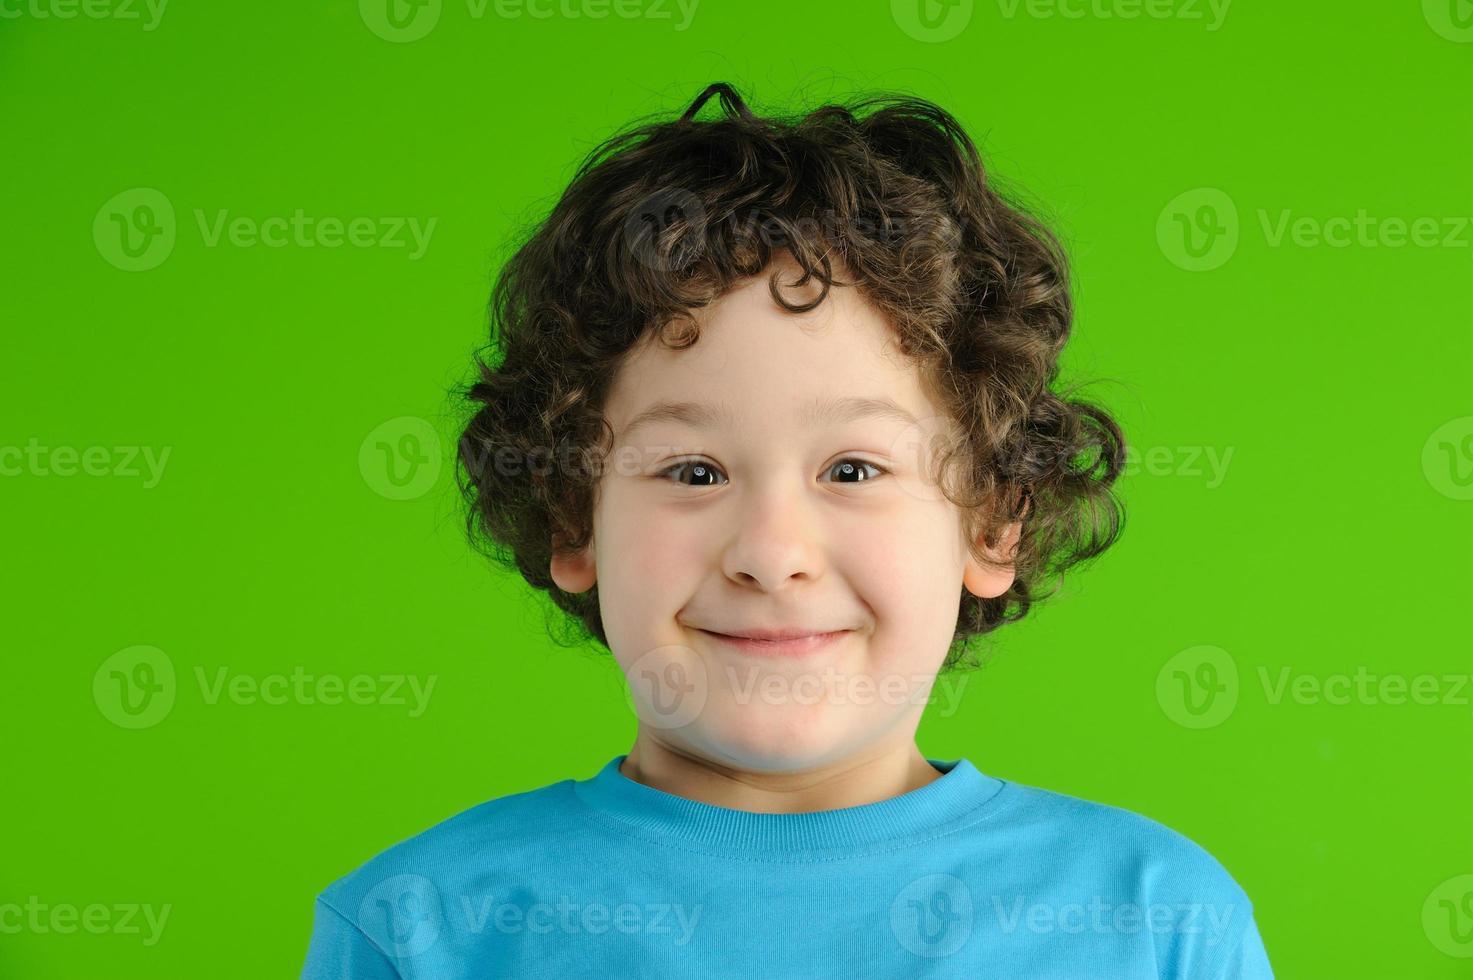 menino alegre foto